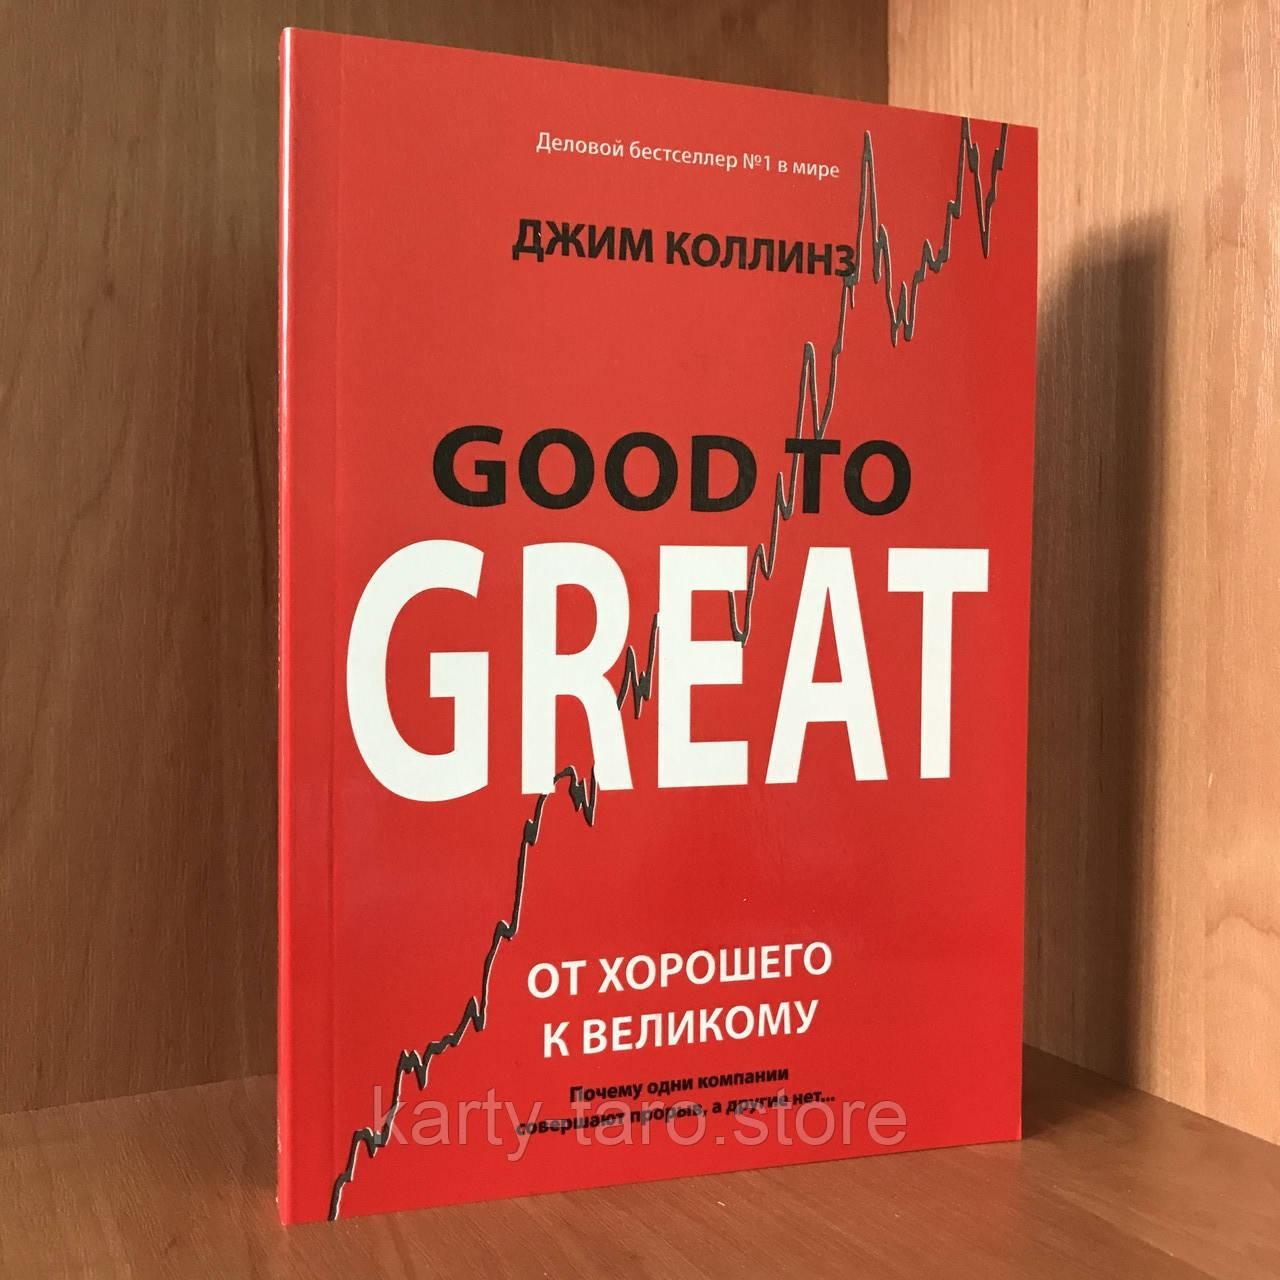 Книга Від хорошого до великого. Чому одні компанії здійснюють прорив, а інші ні...GOOD TO GRE - Джим Коллінз